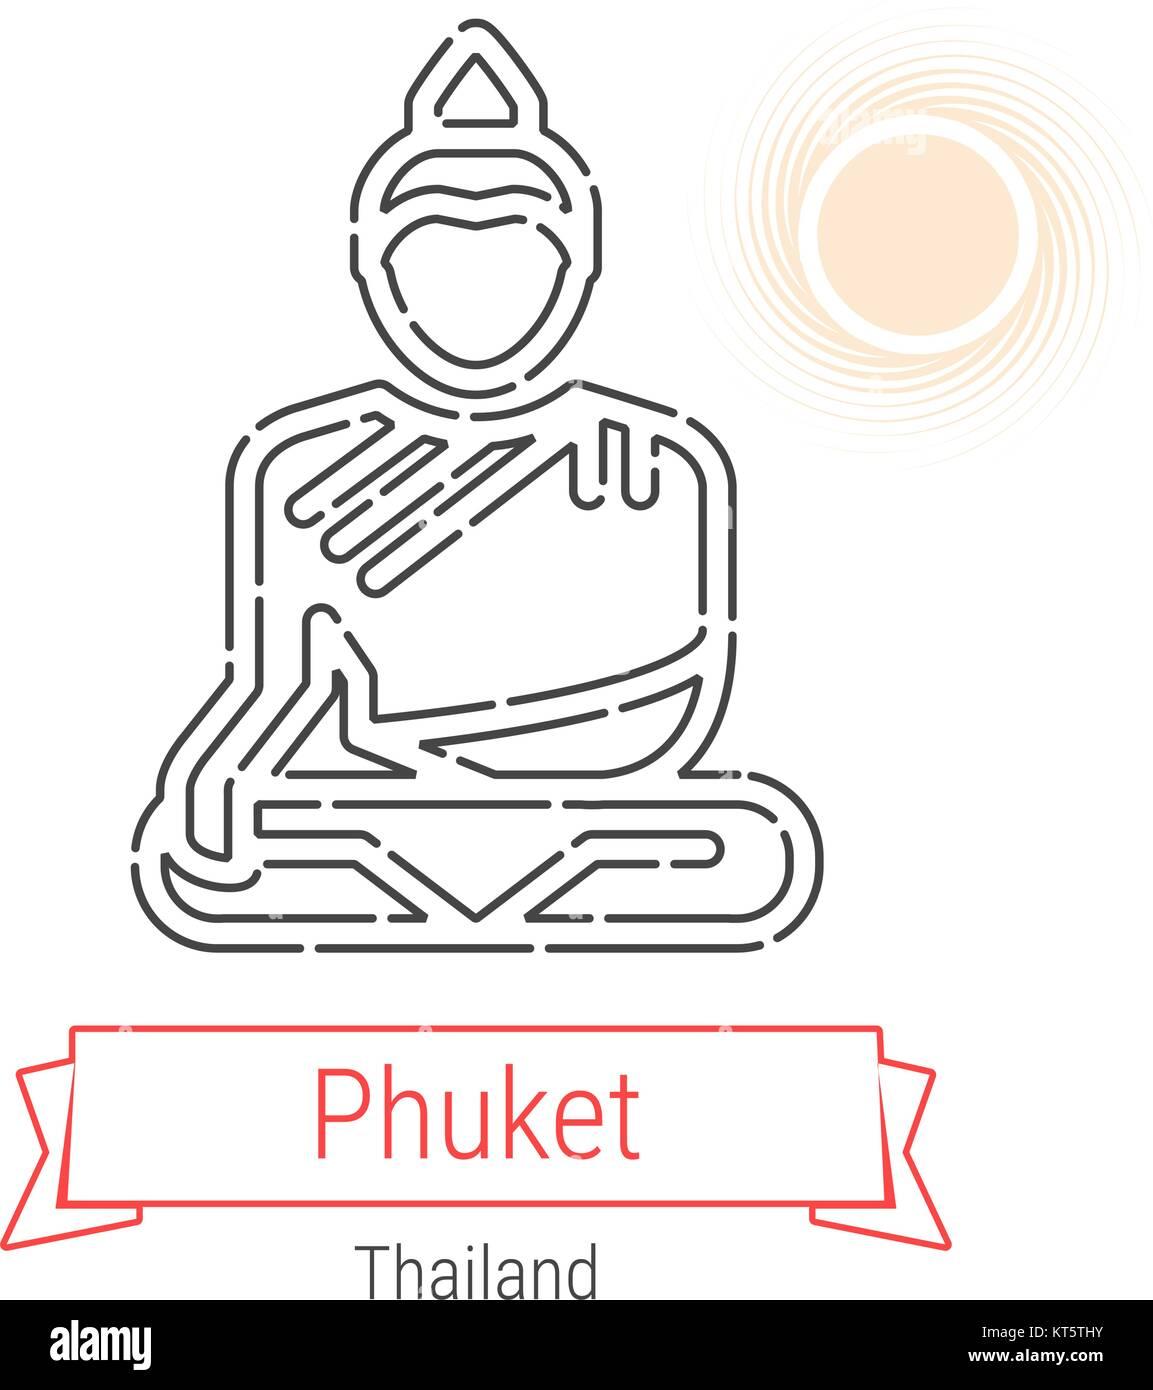 Phuket, Thailand Vektorlinie Symbol mit rotem Band isoliert auf ...